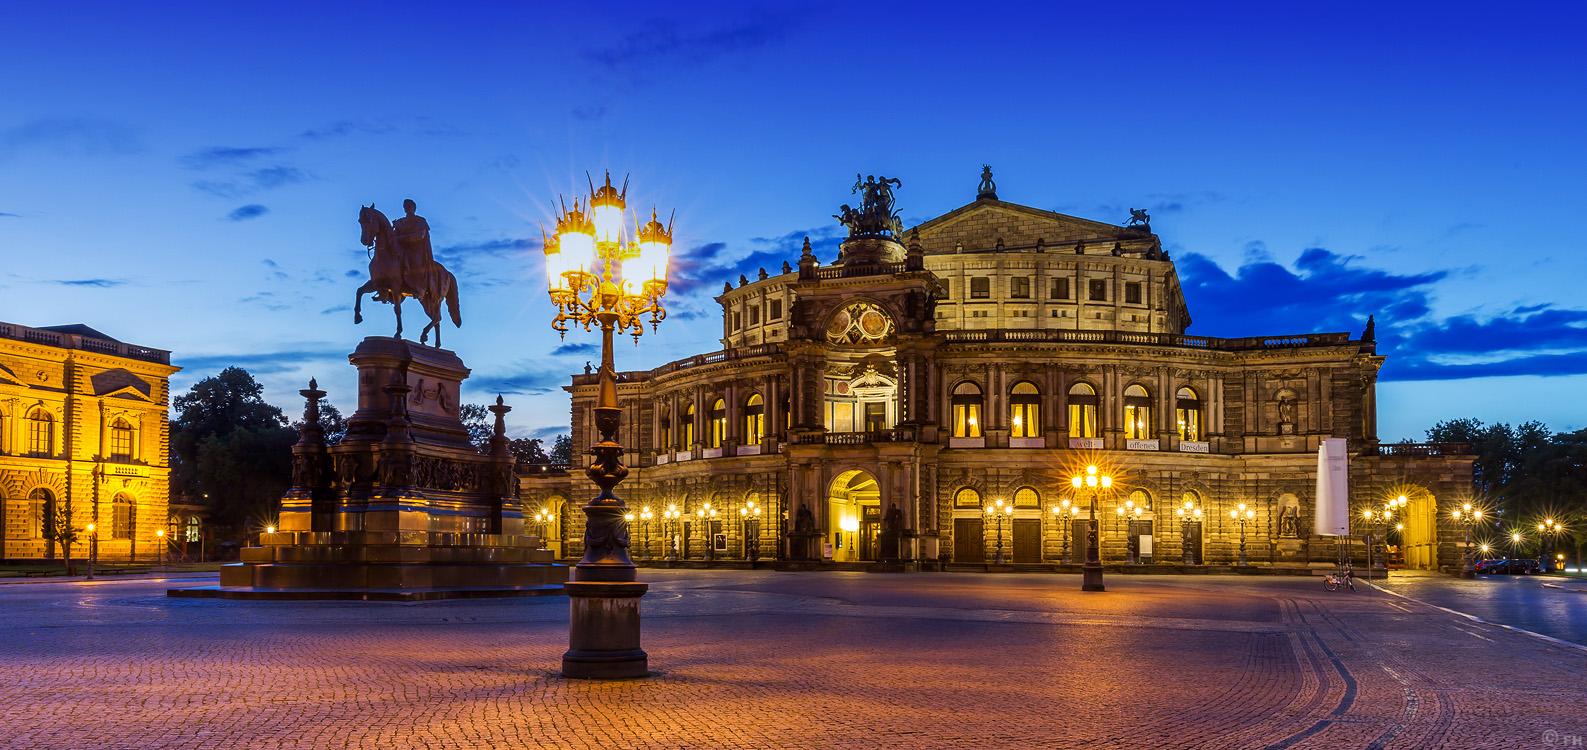 Dresden_Semperoper__k